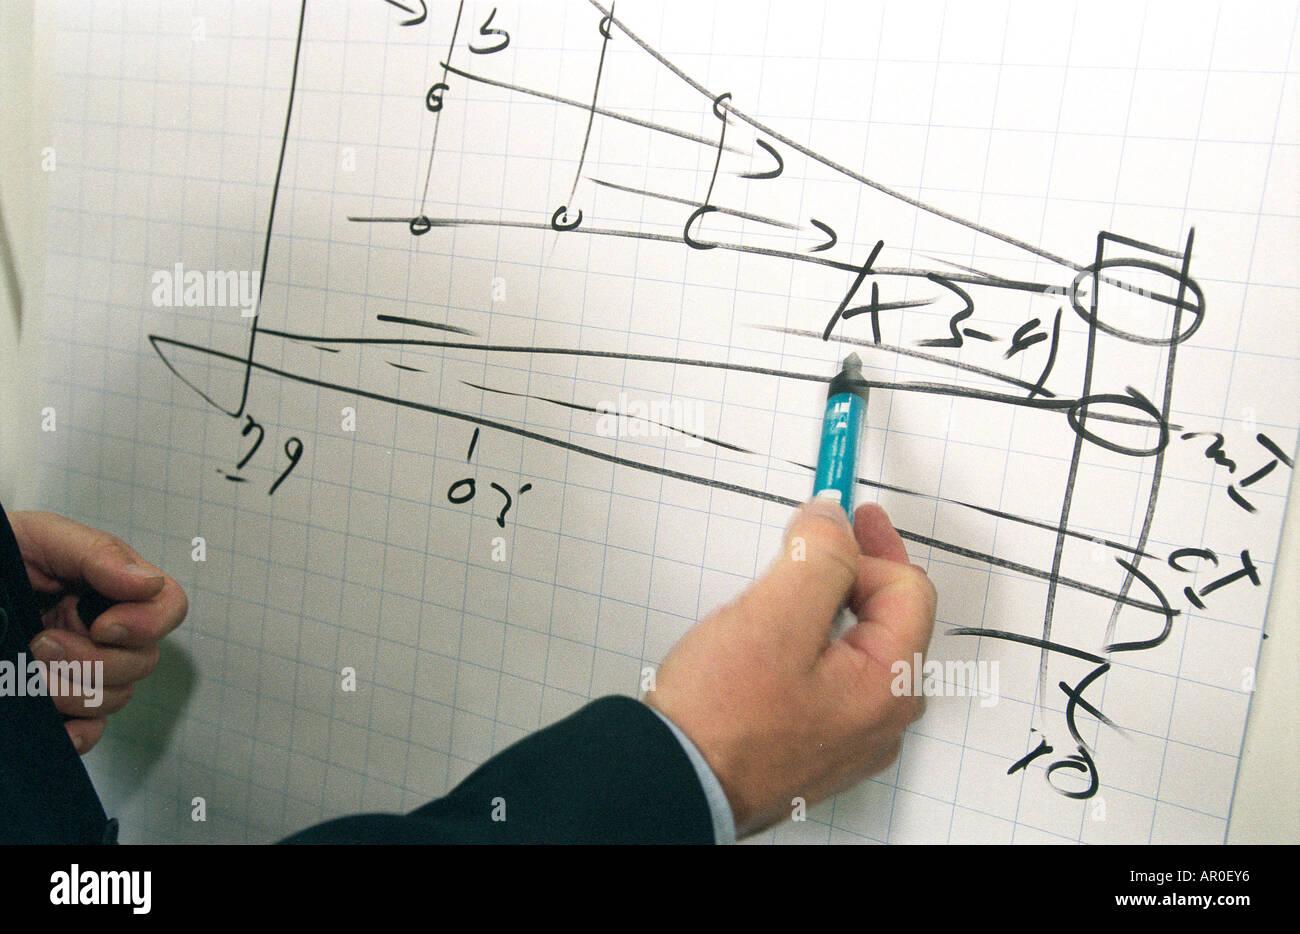 Fantastisch 90 Zeichnen Diagramm Foto Inspirationen Ideen ...